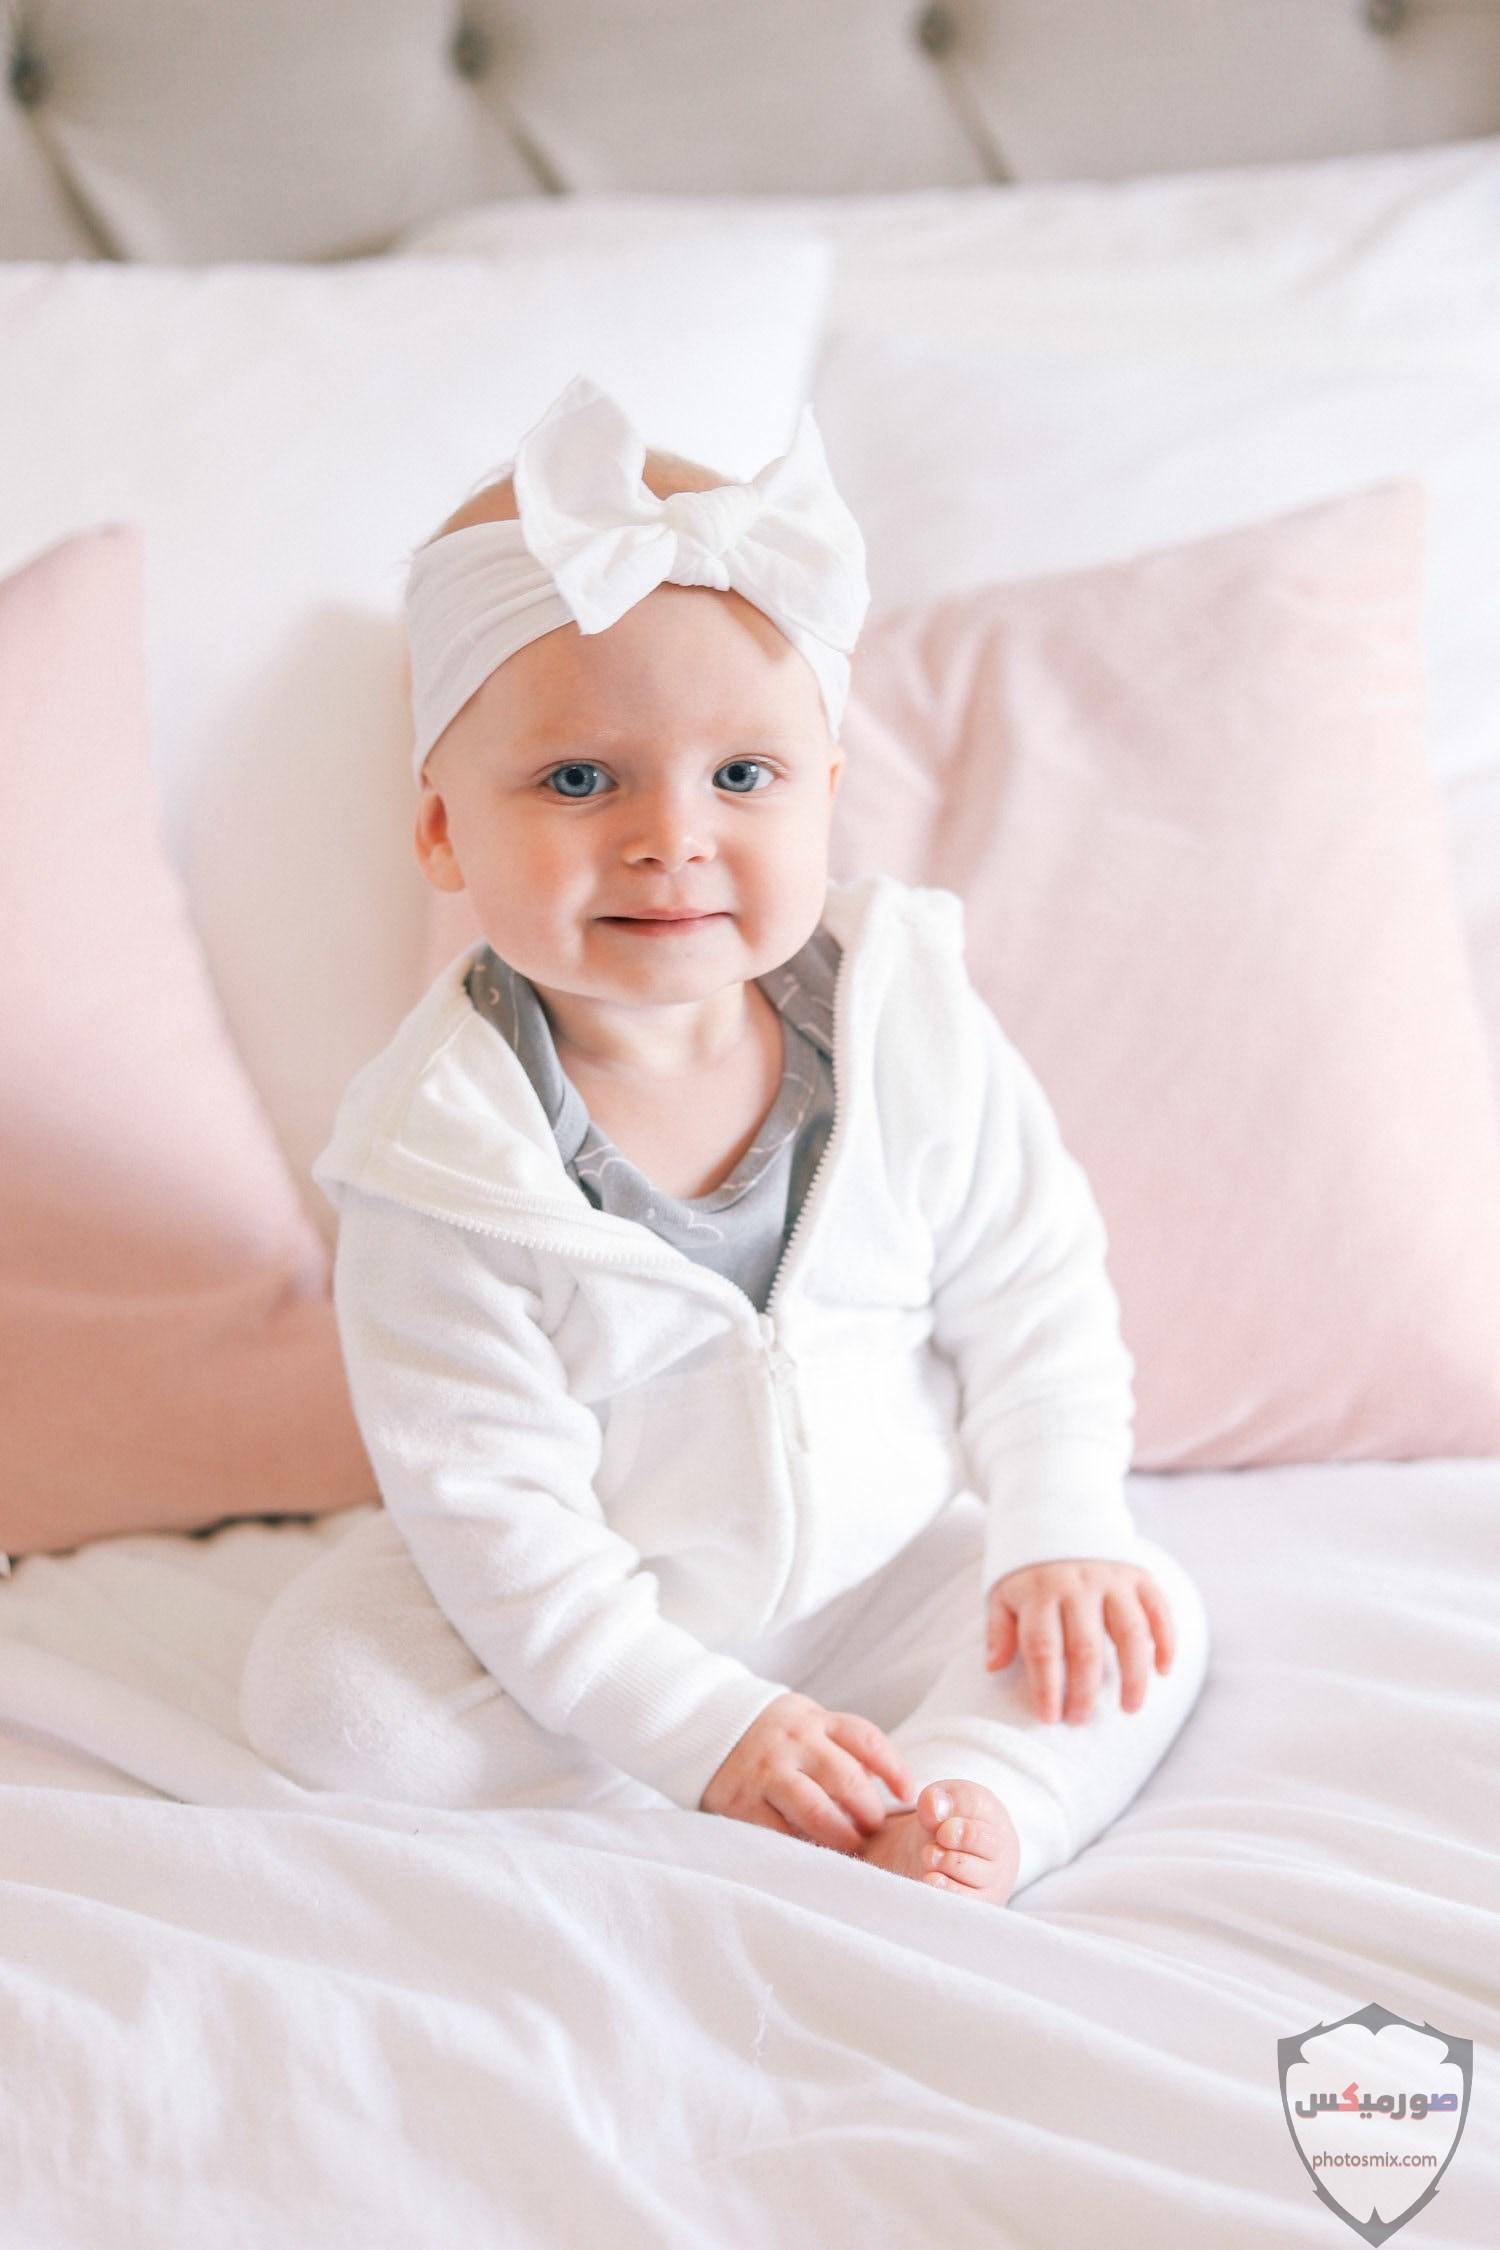 صور اطفال 2021 تحميل اكثر من 100 صور اطفال جميلة صور اطفال روعة 2020 48 1